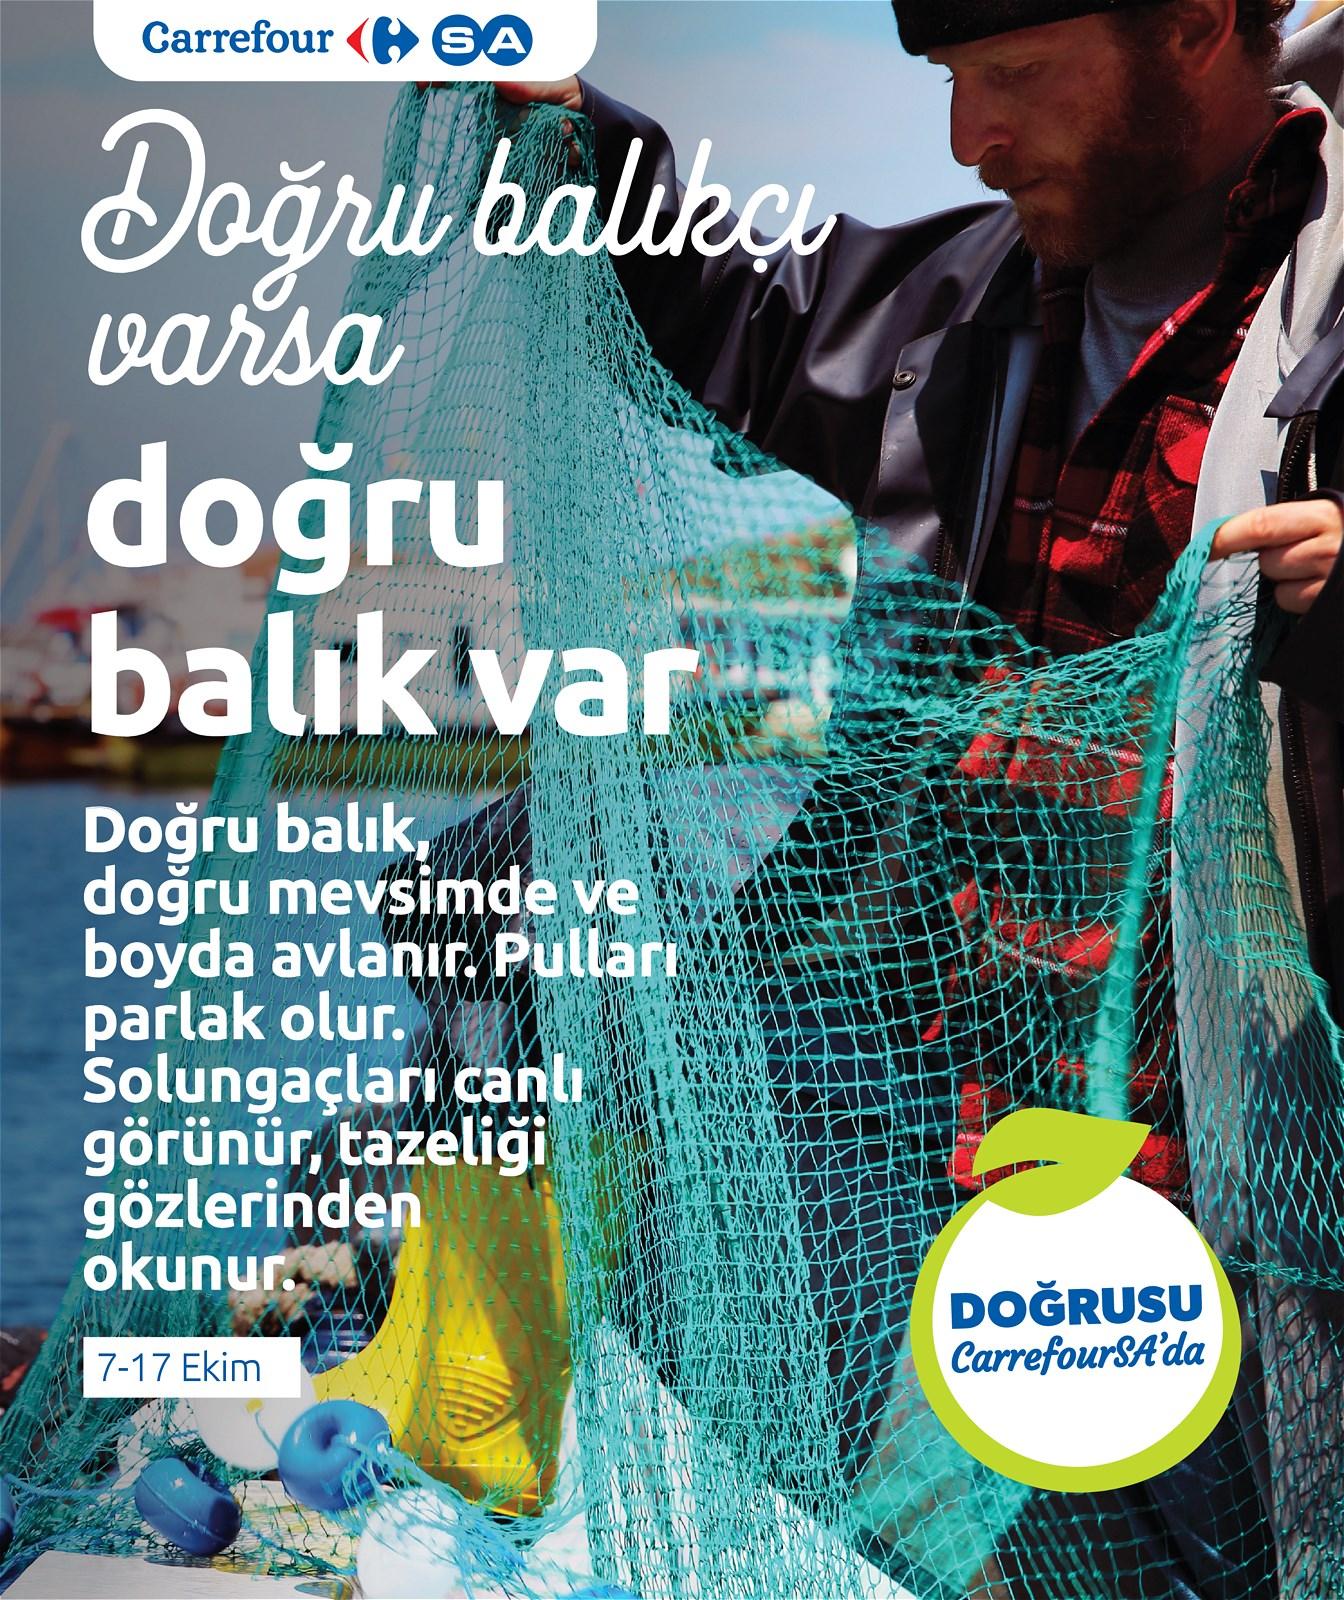 07.10.2021 CarrefourSA broşürü 1. sayfa